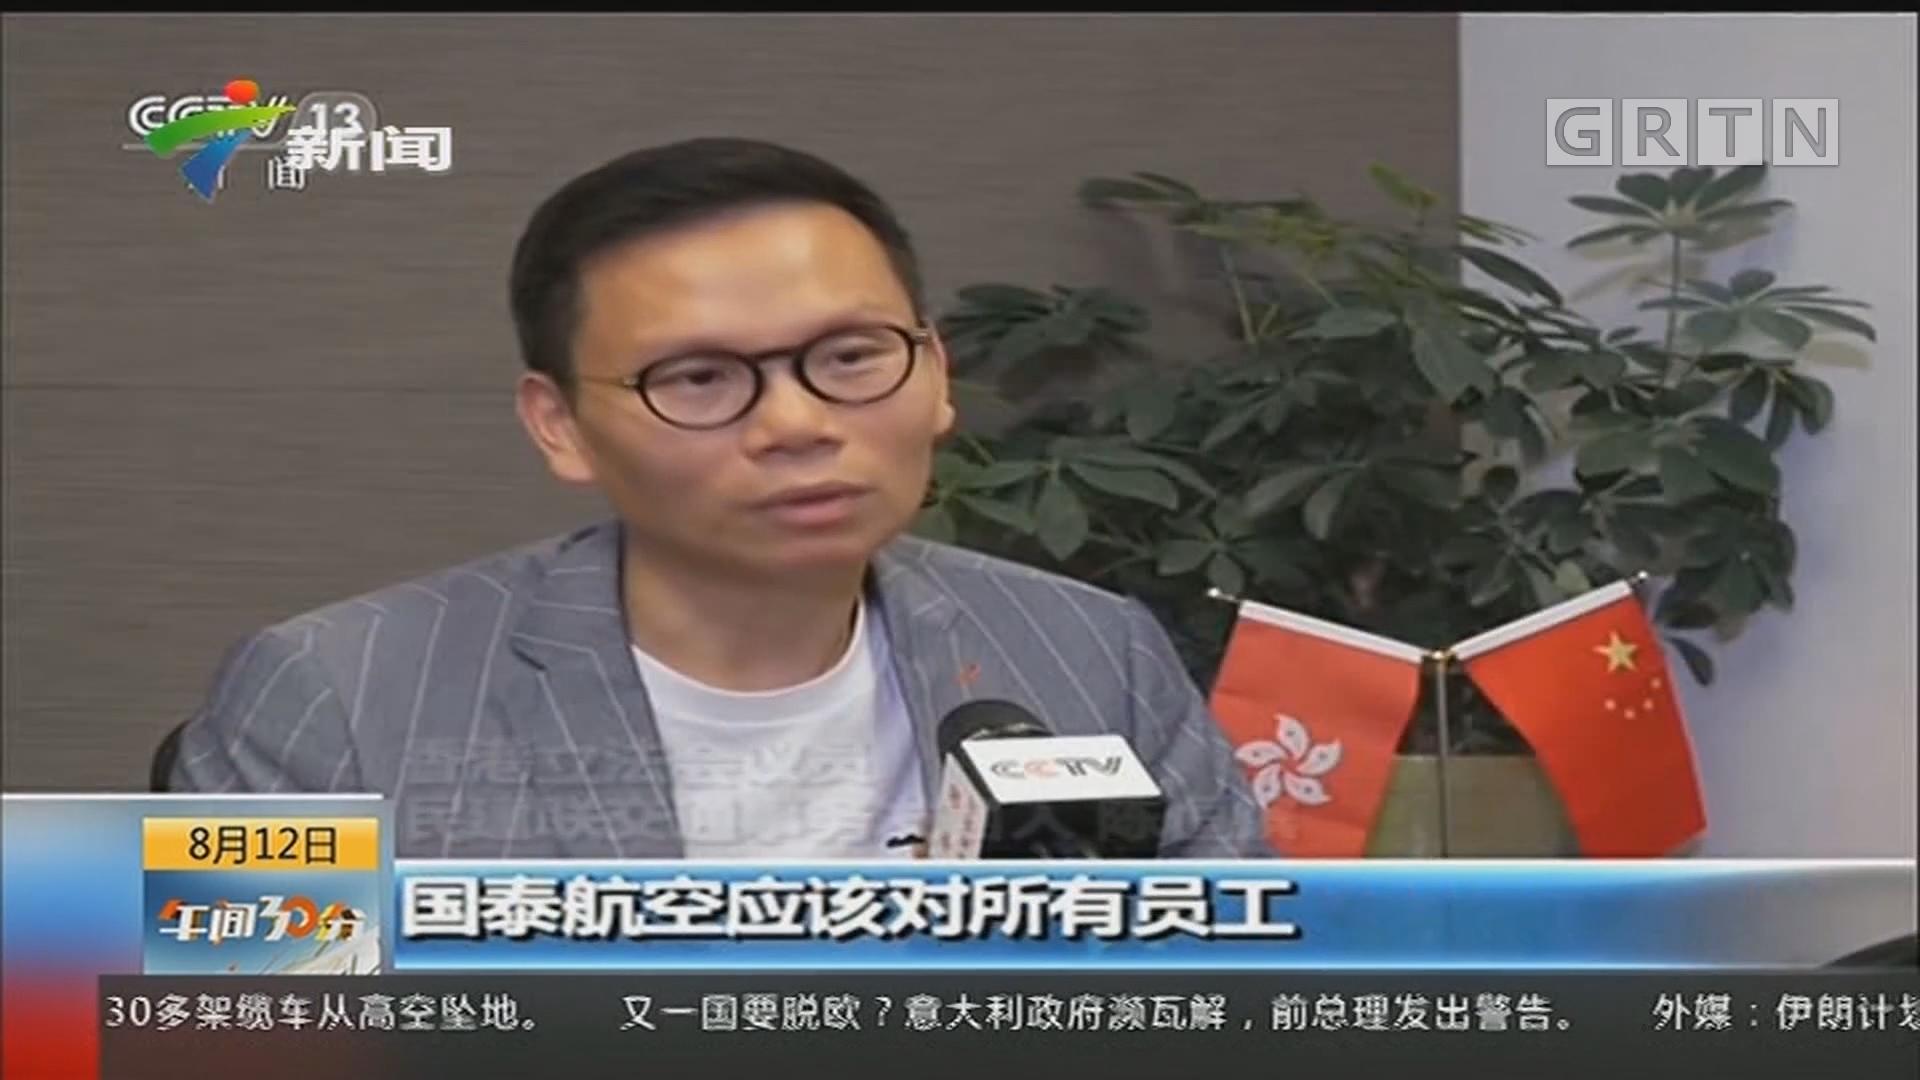 香港各界人士支持民航局向国泰航空发出警示